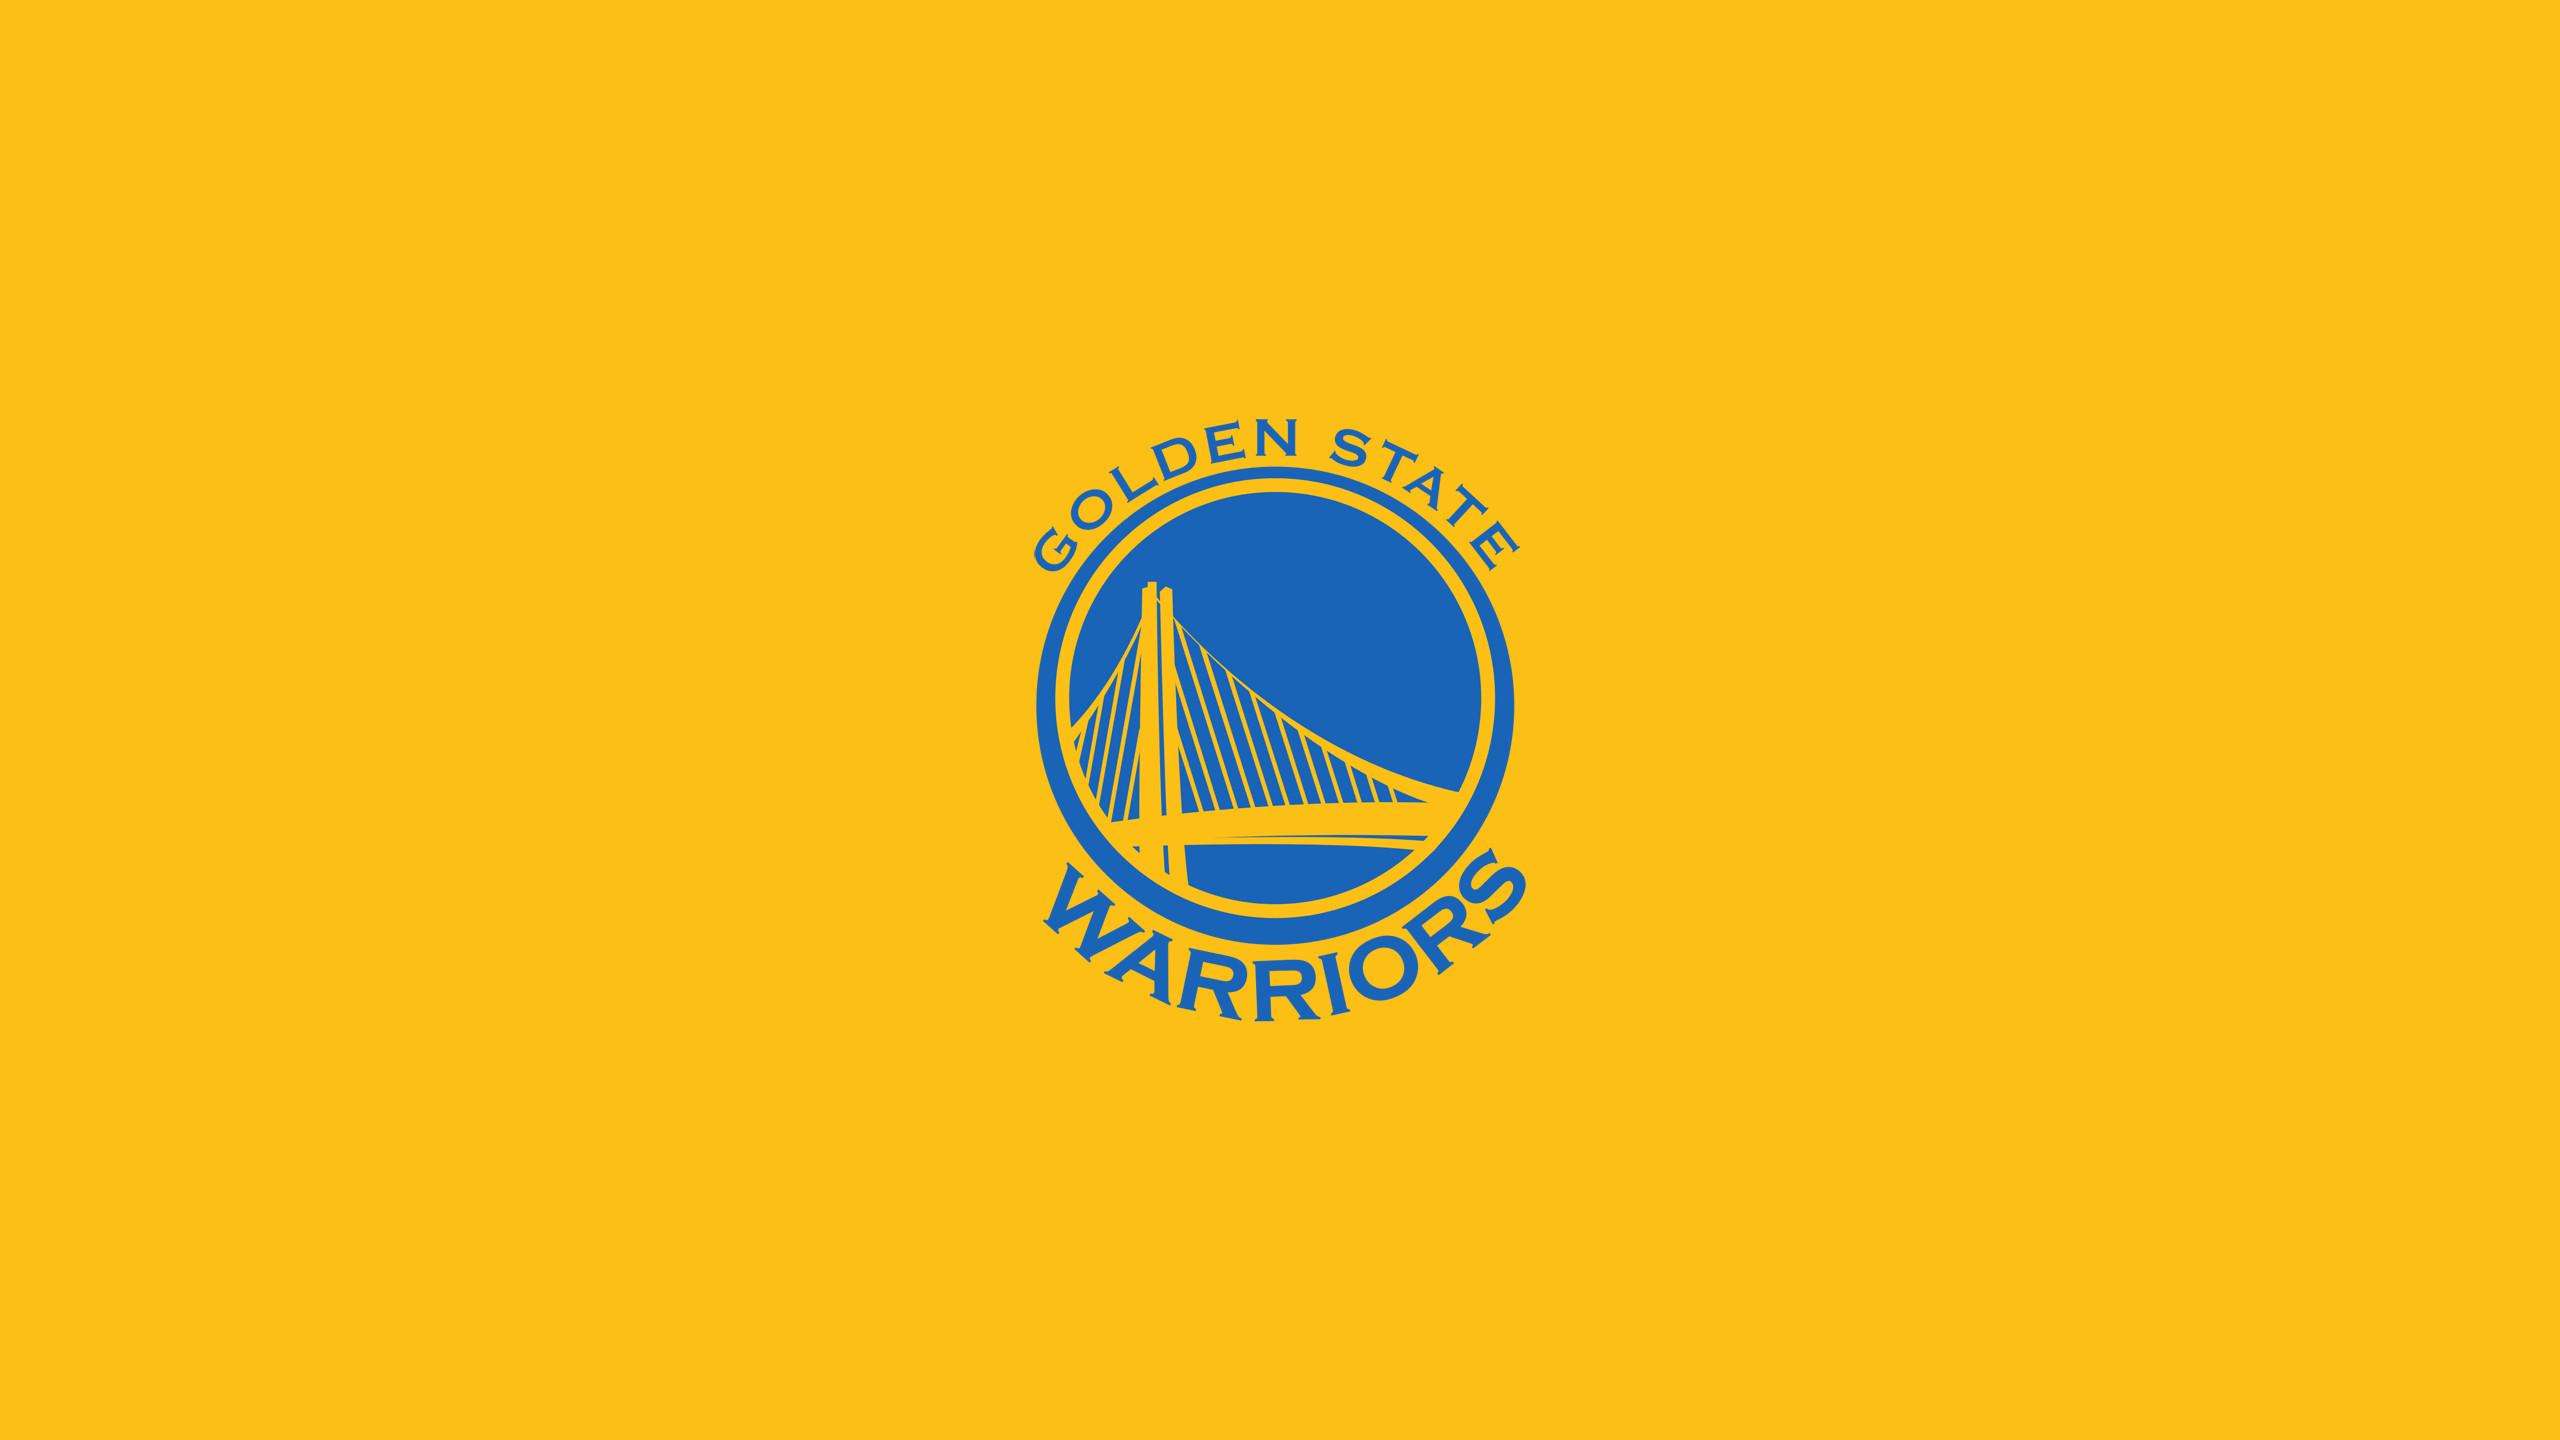 Golden State Warriors HD Wallpaper